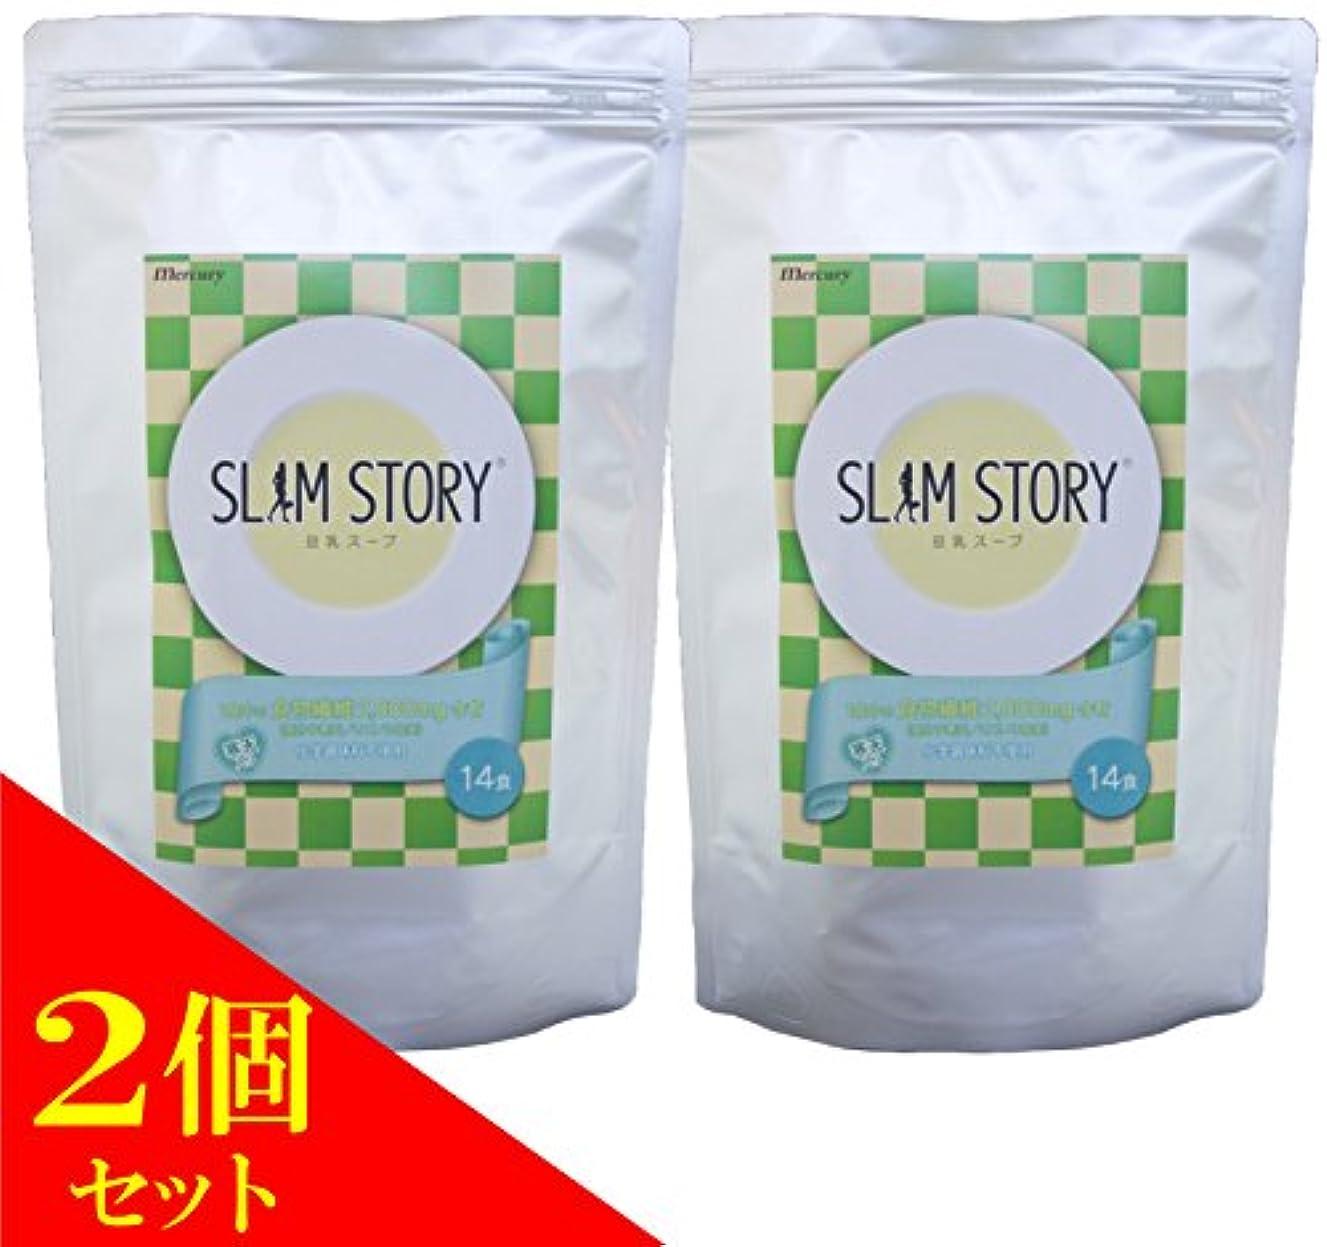 助言咲くの中で(2個)マーキュリー SLIM STORY 豆乳スープ 14食×2個セット/化学調味料 不使用(4947041155176)